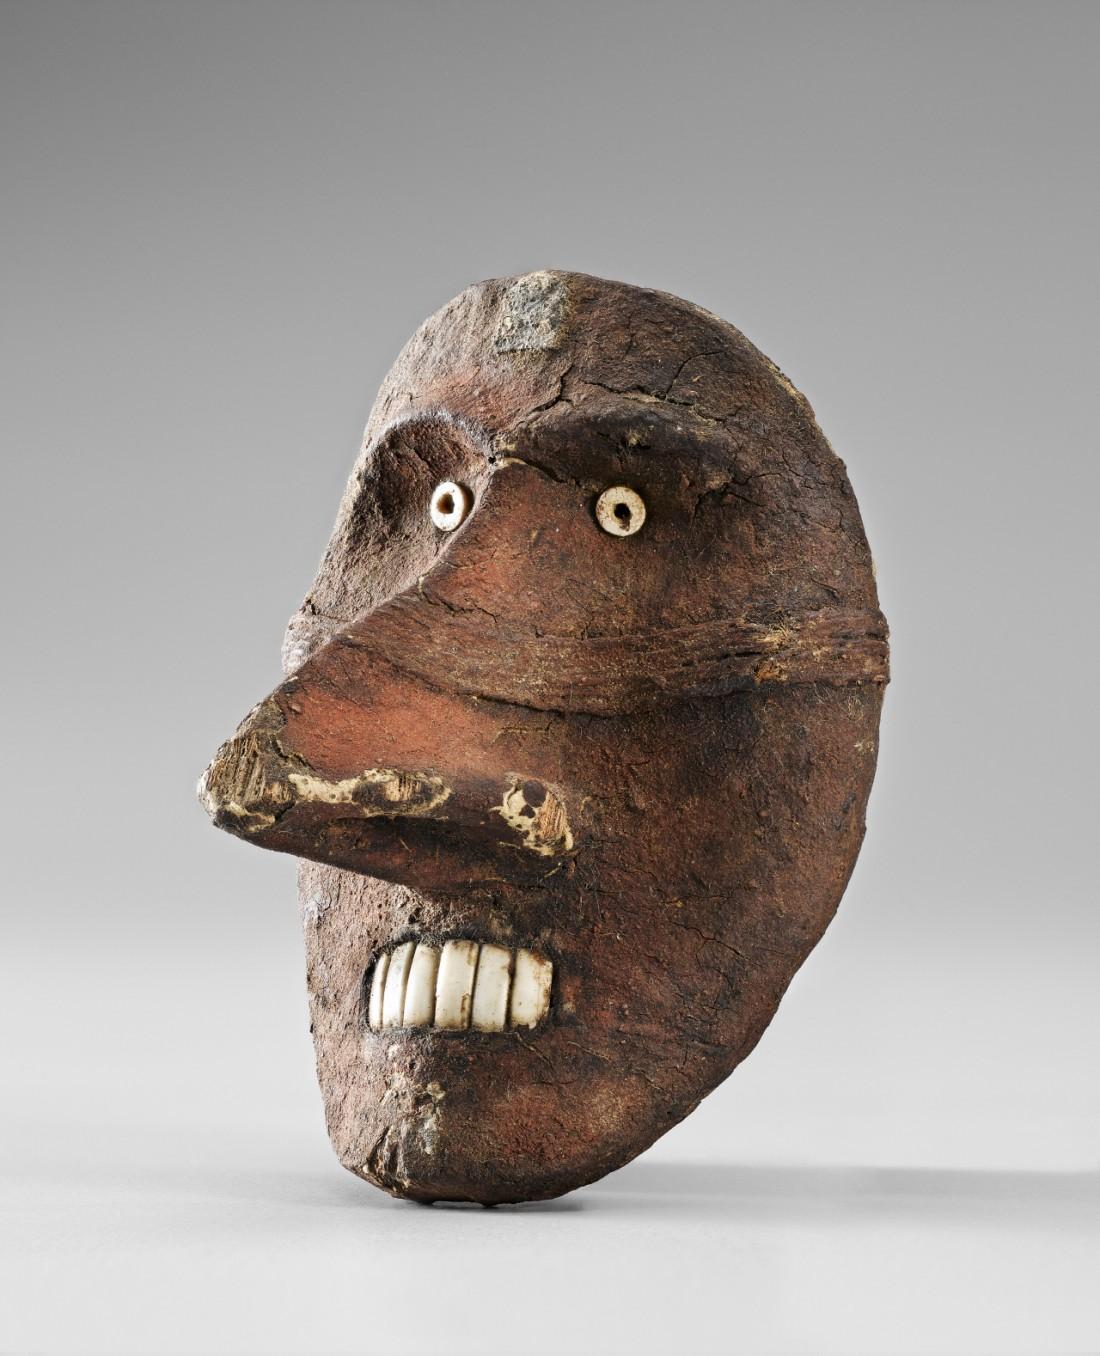 중앙아시아 로프노르에서 출토된 기원전 17~15세기의 목조인면상. 이런 인면상은 샤오허(小河) 유적에서 확인됐다. |국립중앙박물관 제공